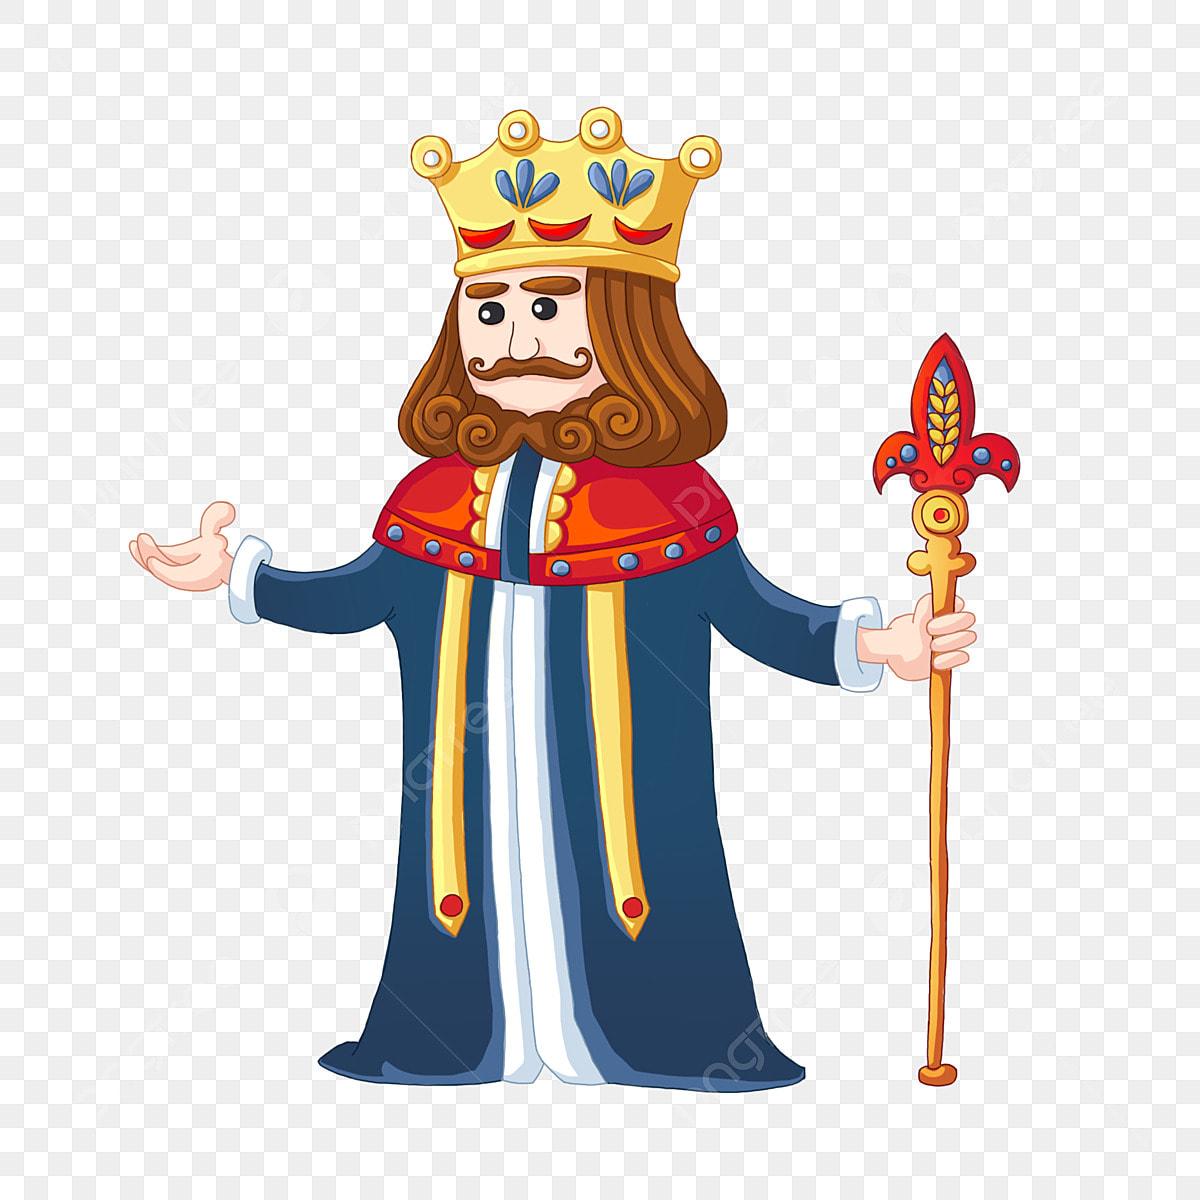 personnage de dessin anim u00e9 roi barbe roi western couronne